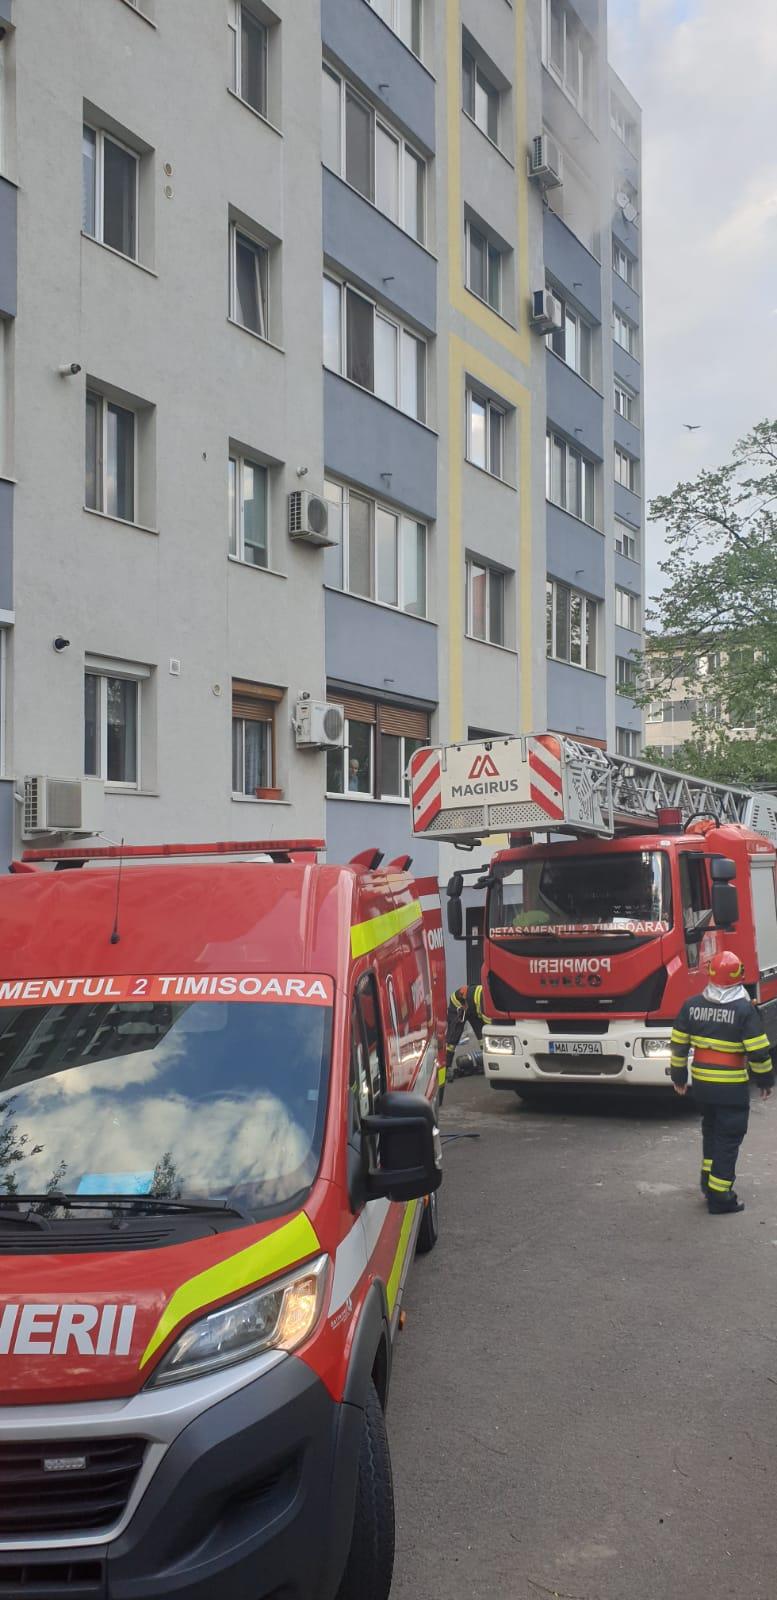 Incidendiu pornit de la o lumânare lăsată aprinsă, în ziua de Paște, la Timișoara